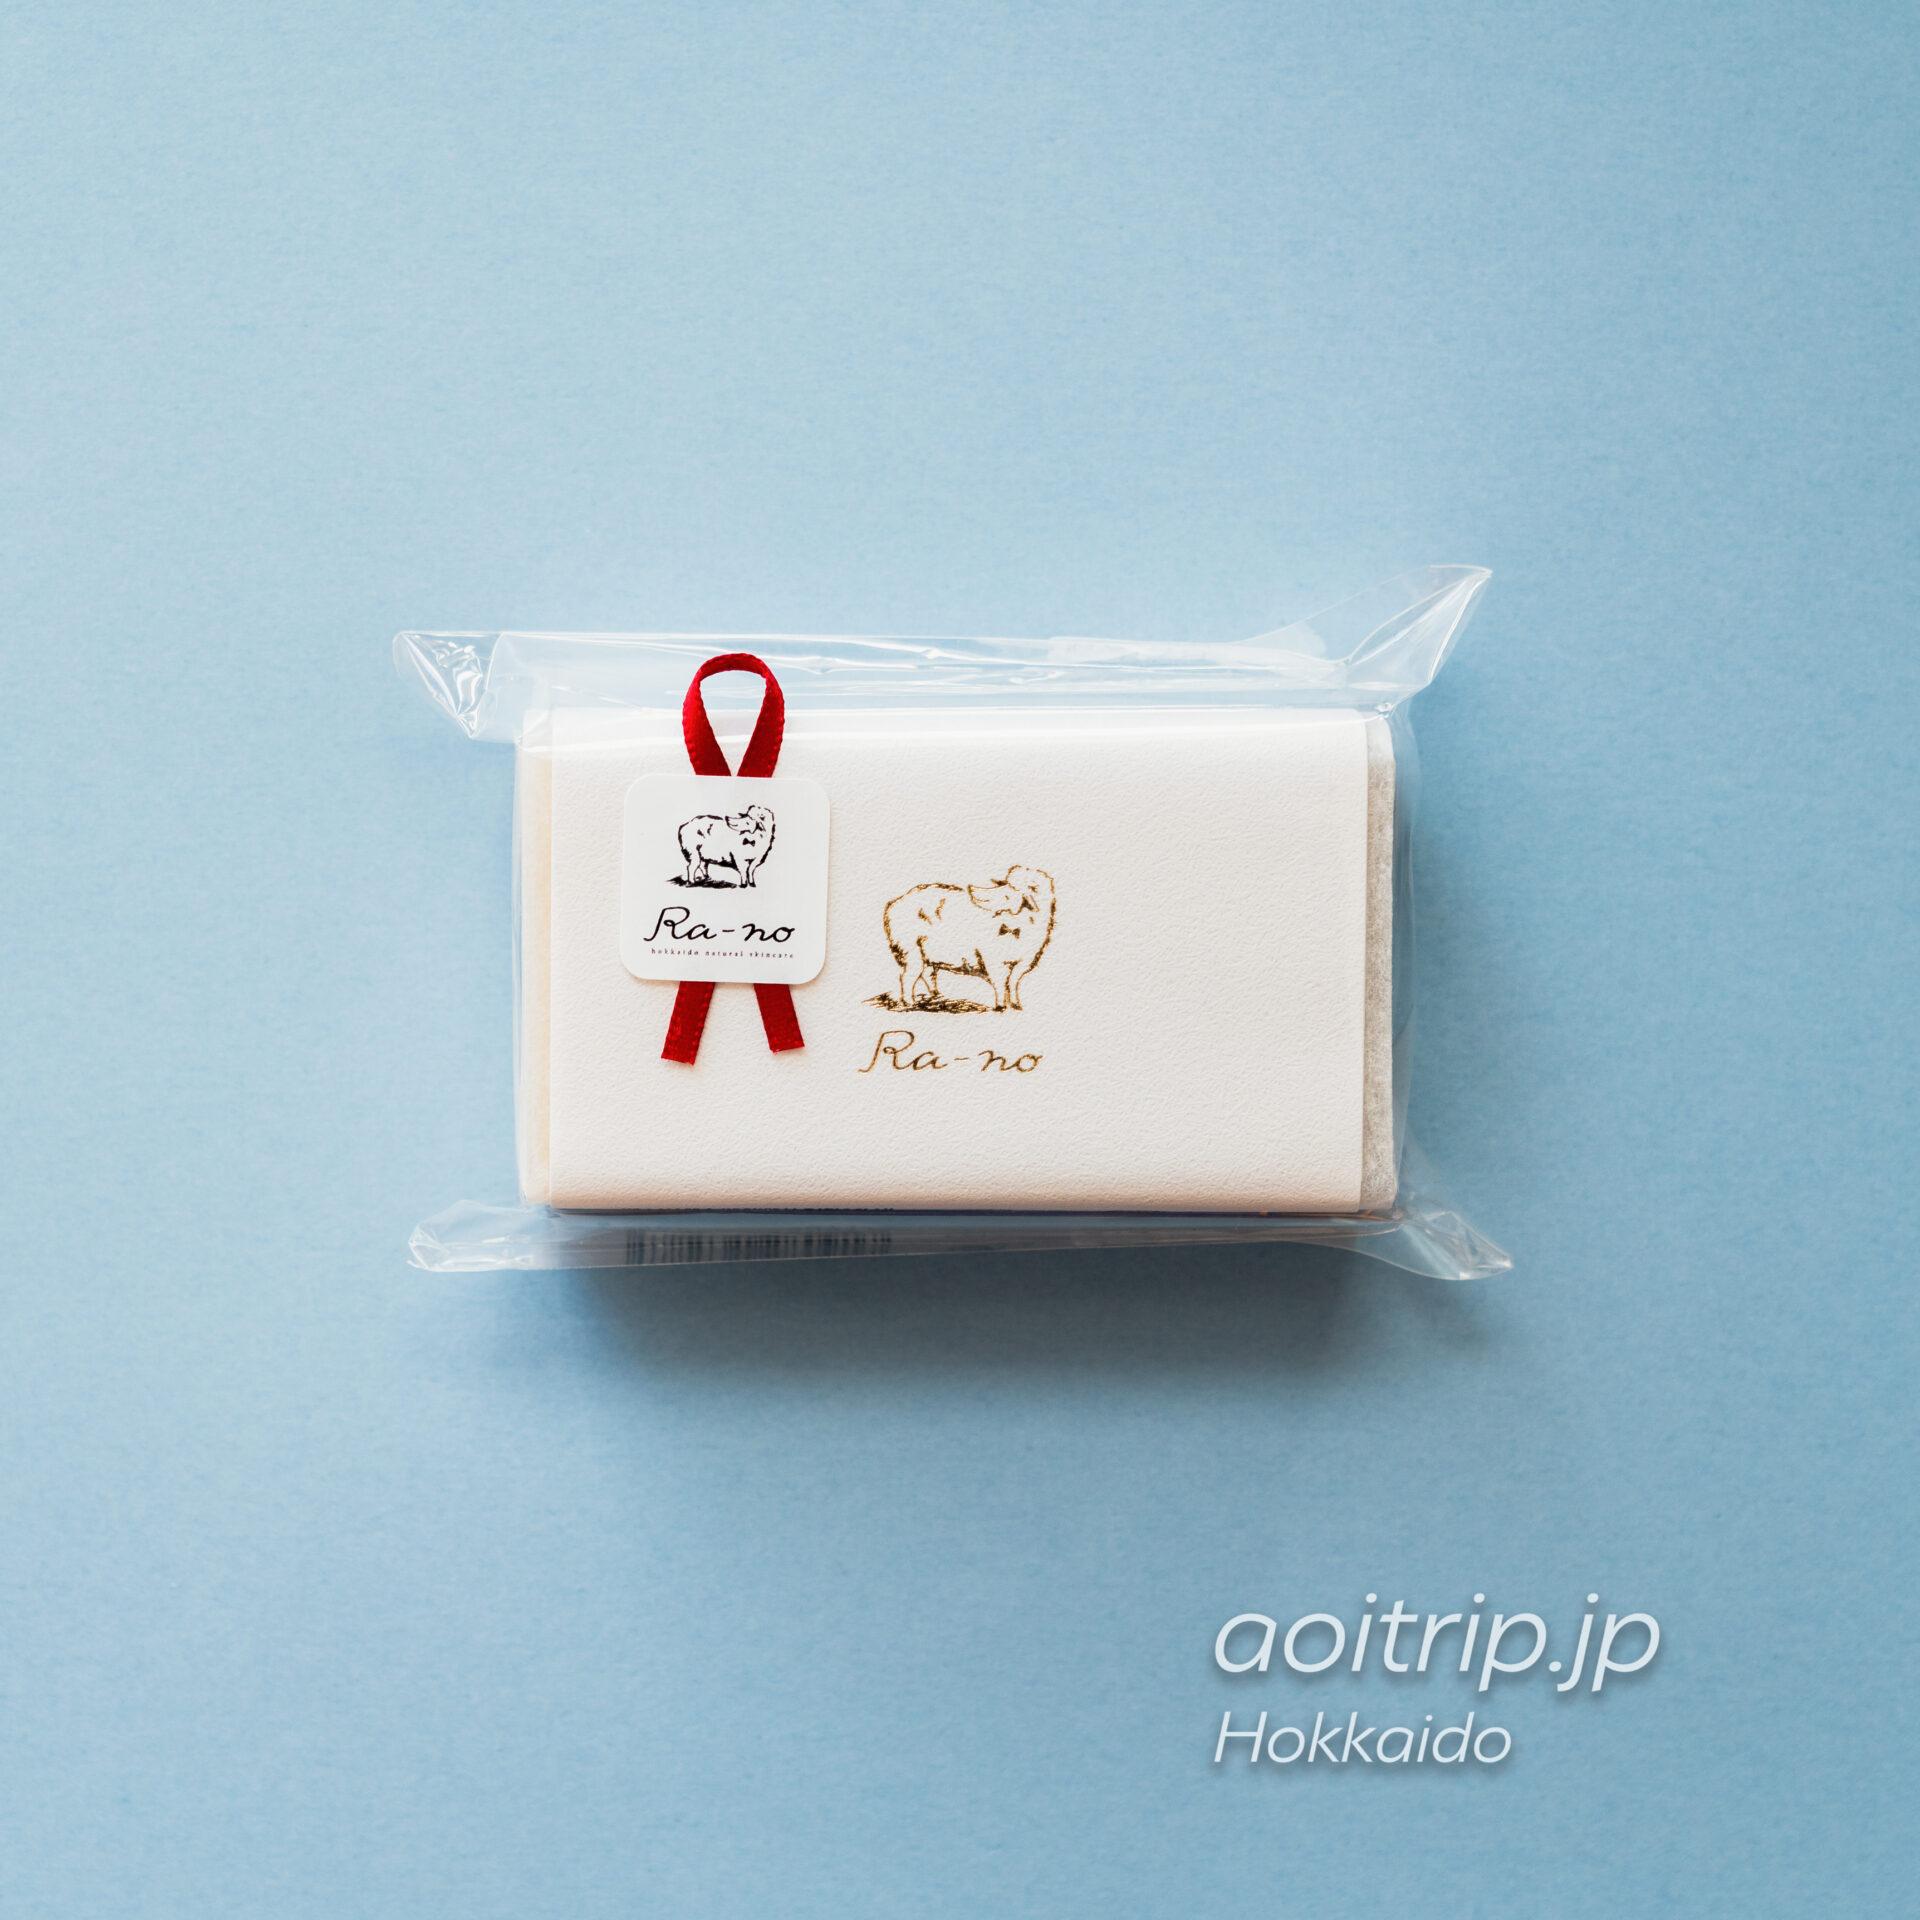 えこりん村で買ったお土産 ひつじの石鹸